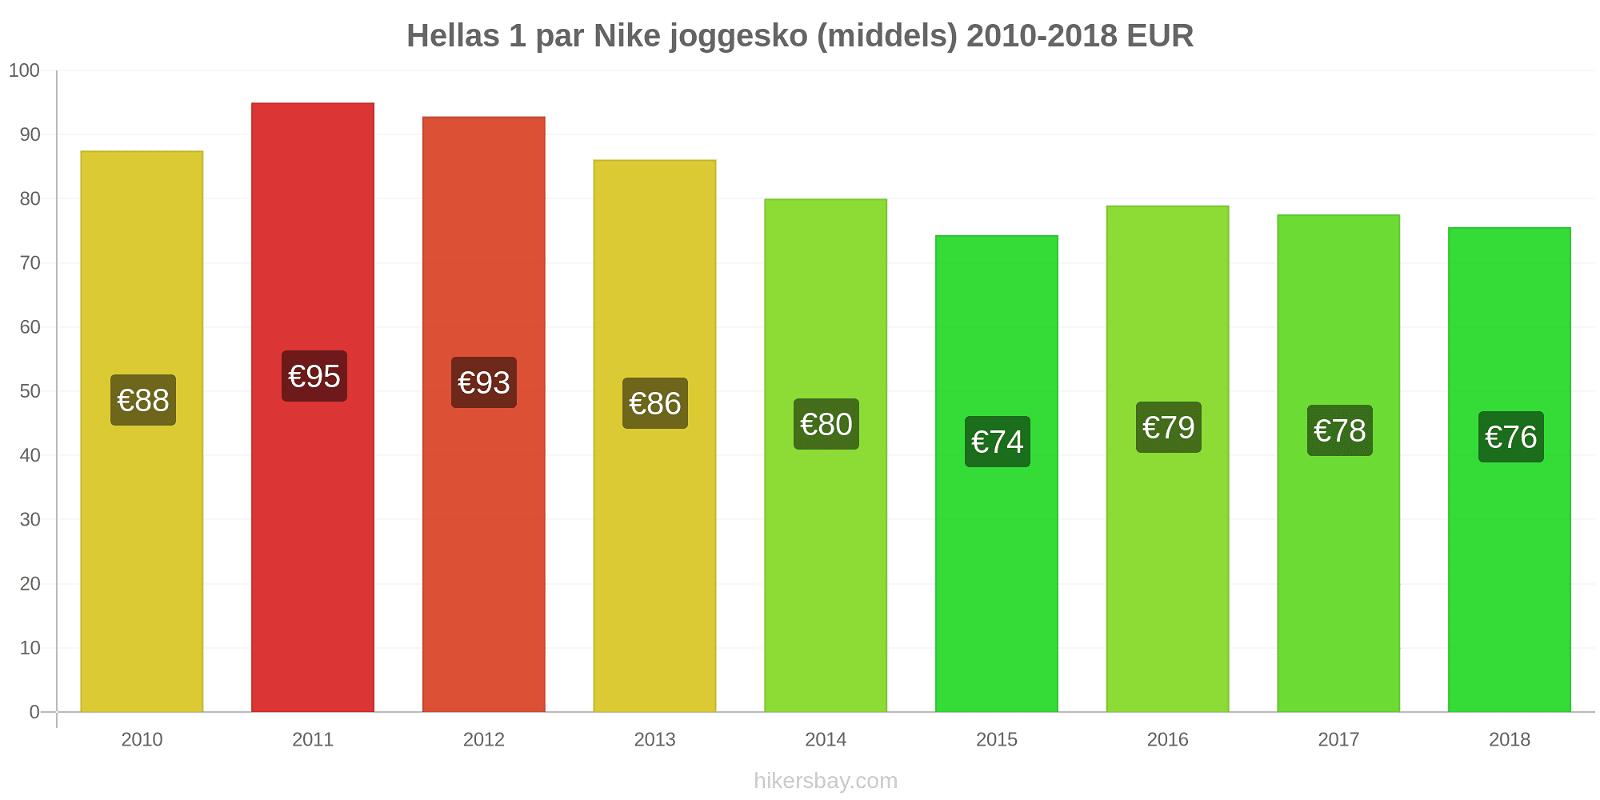 Hellas prisendringer 1 par Nike joggesko (middels) hikersbay.com